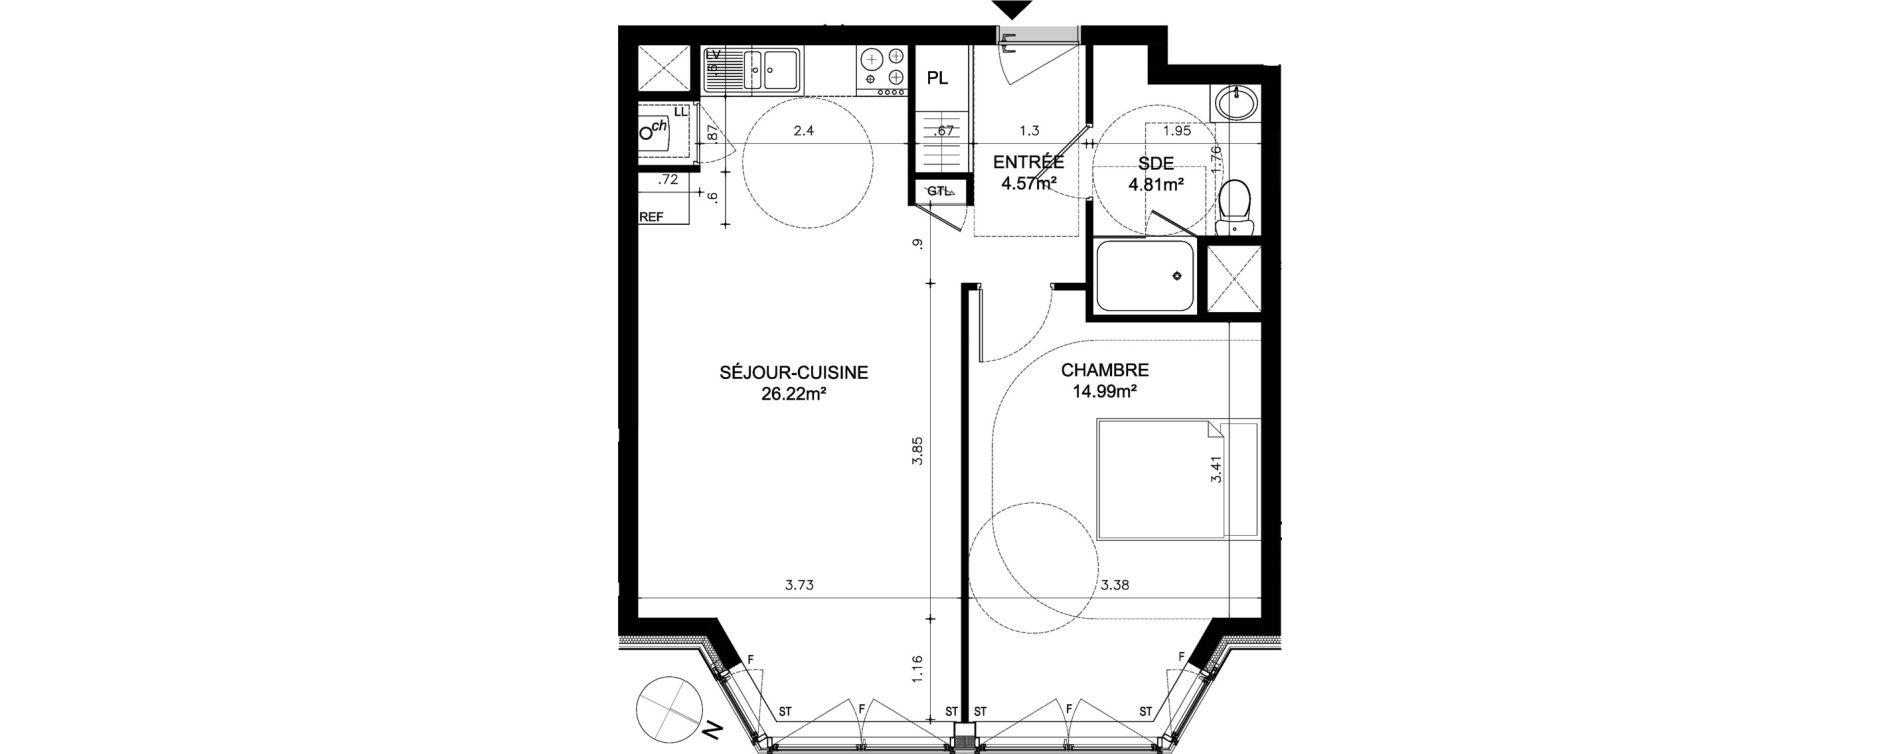 Appartement T2 de 50,59 m2 à Dinard Dinard centre ville